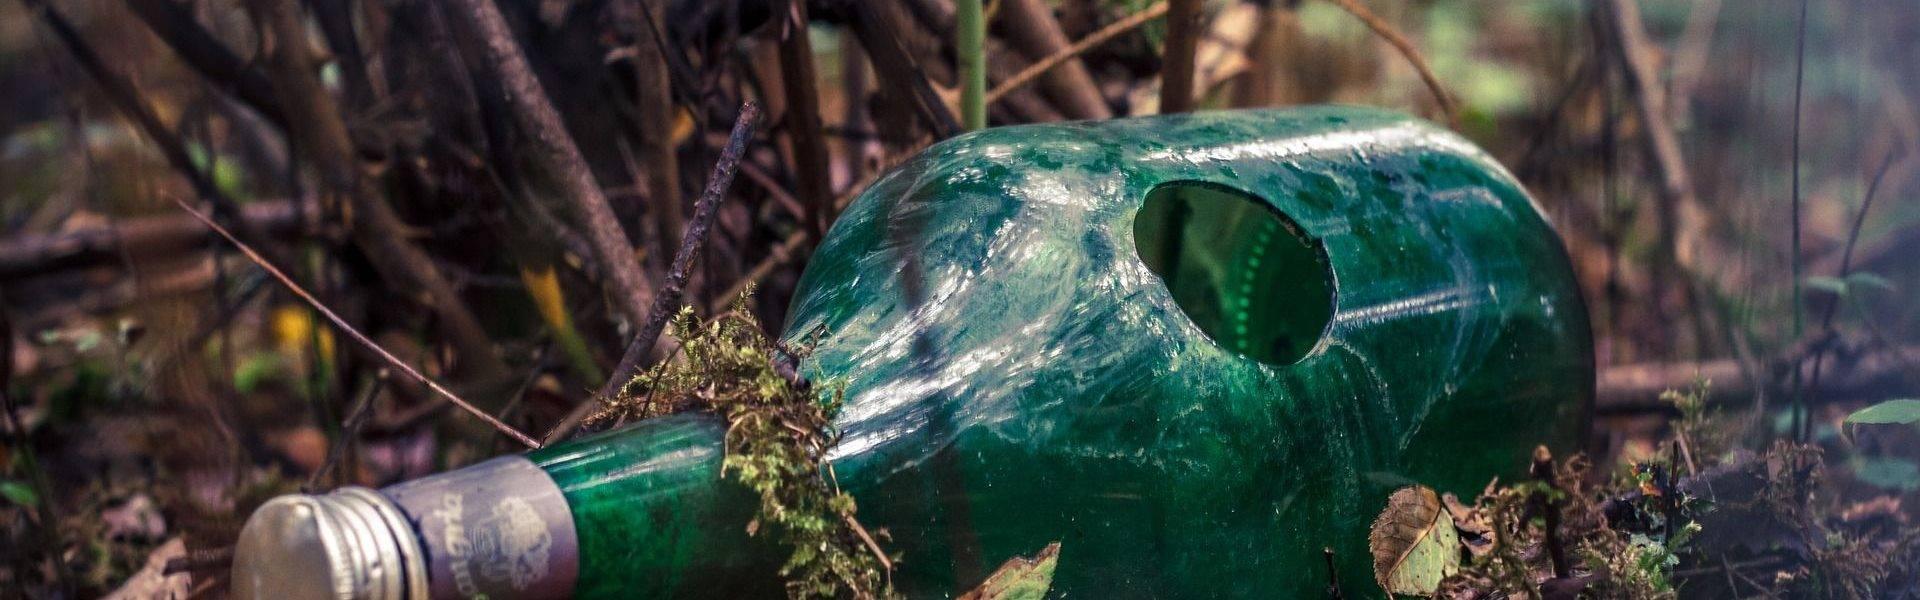 Butelka w lesie